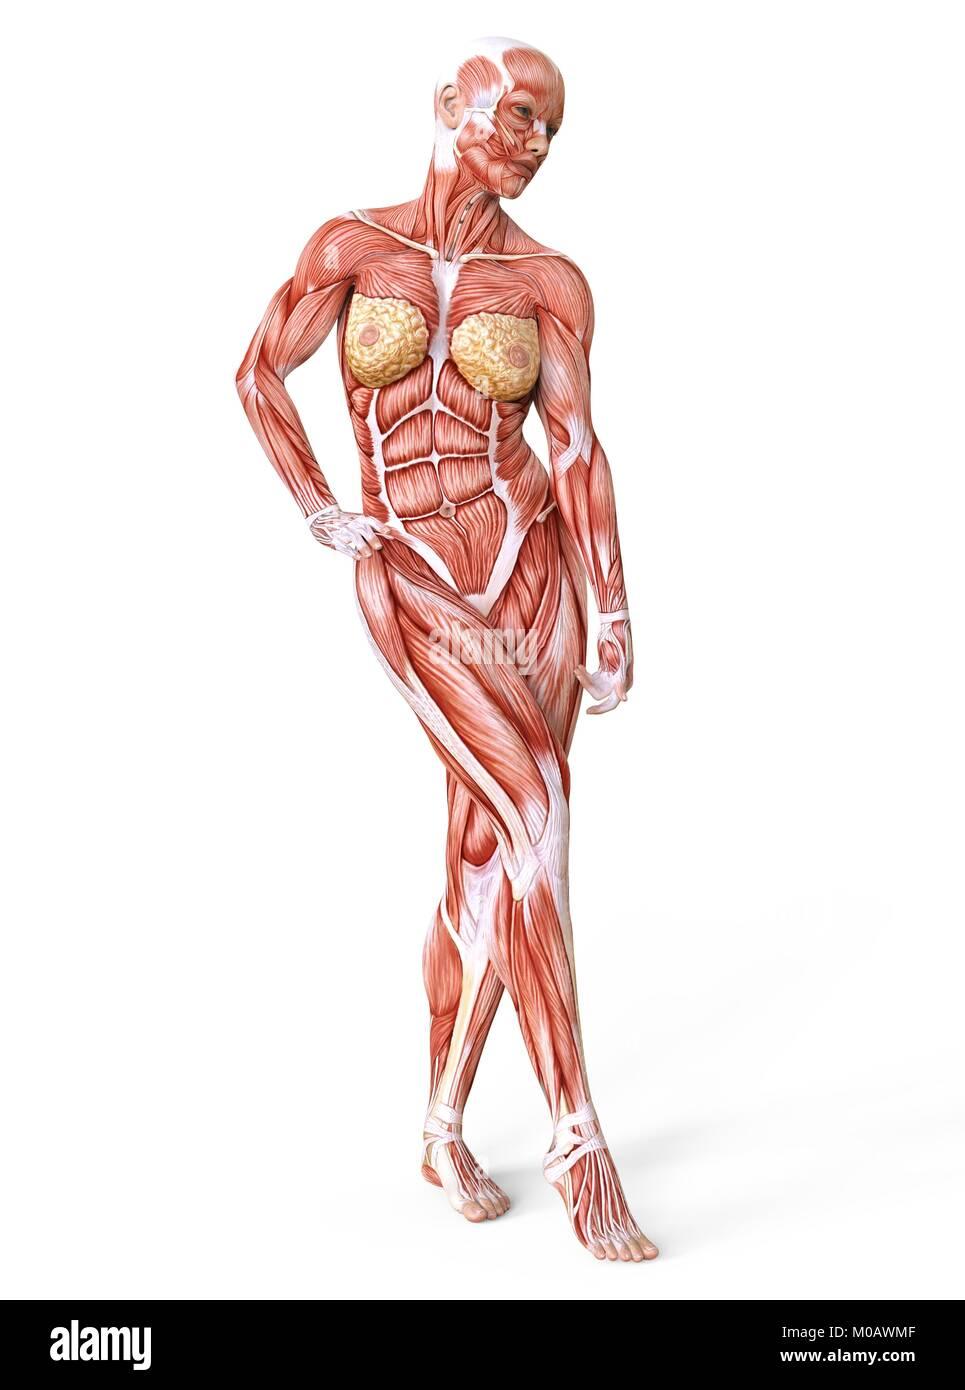 Gemütlich Bild Von Innen Weiblichen Körper Ideen - Menschliche ...